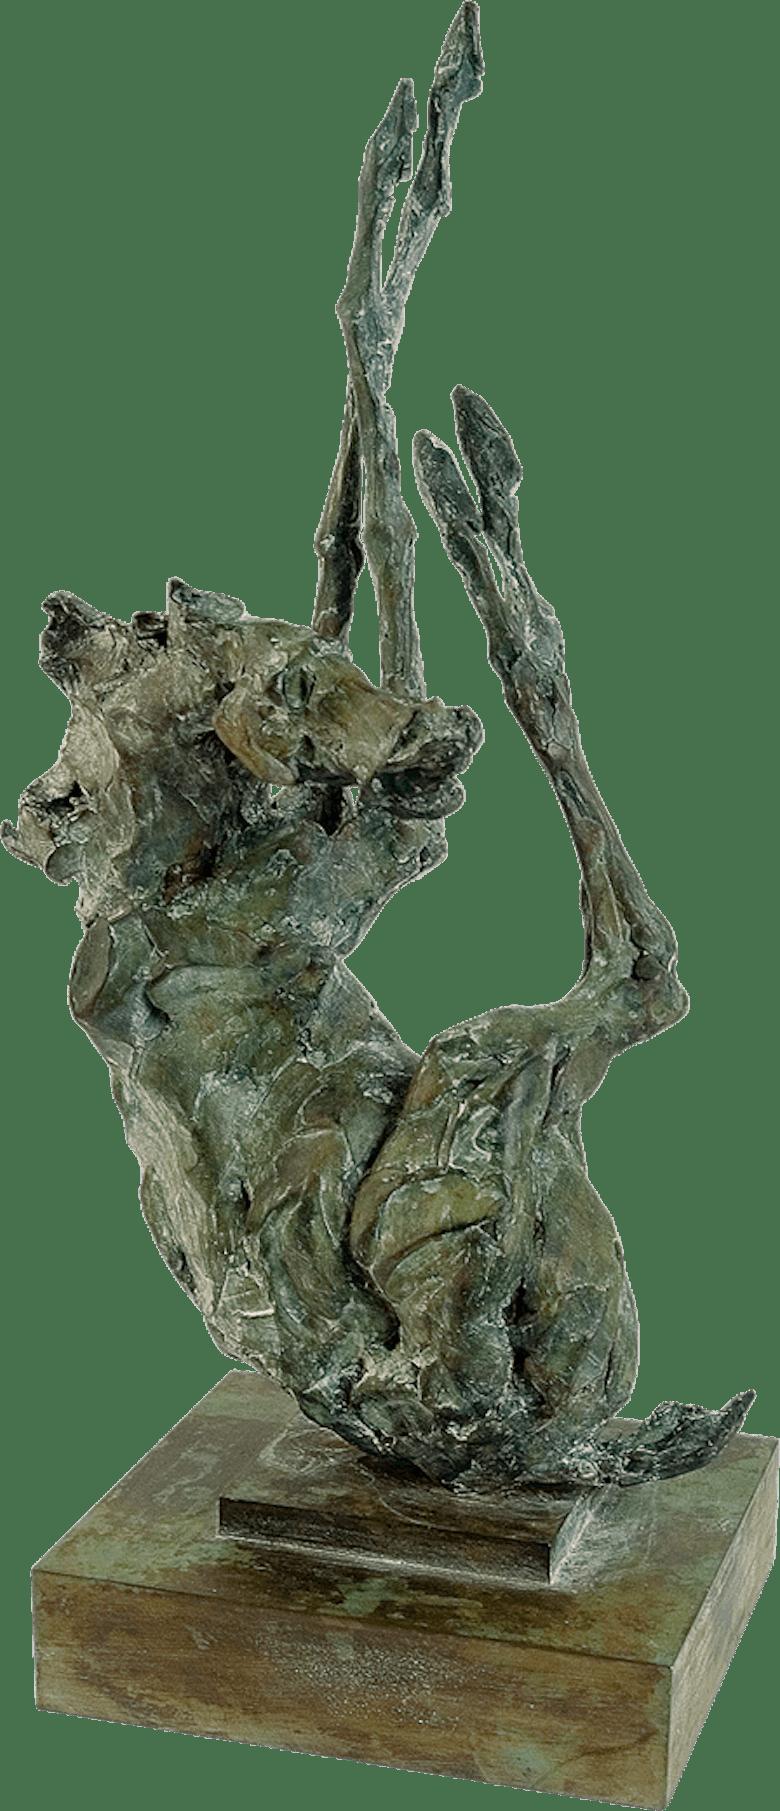 Bronzefigur Der Sturz des Siegers von Vitali Safronov